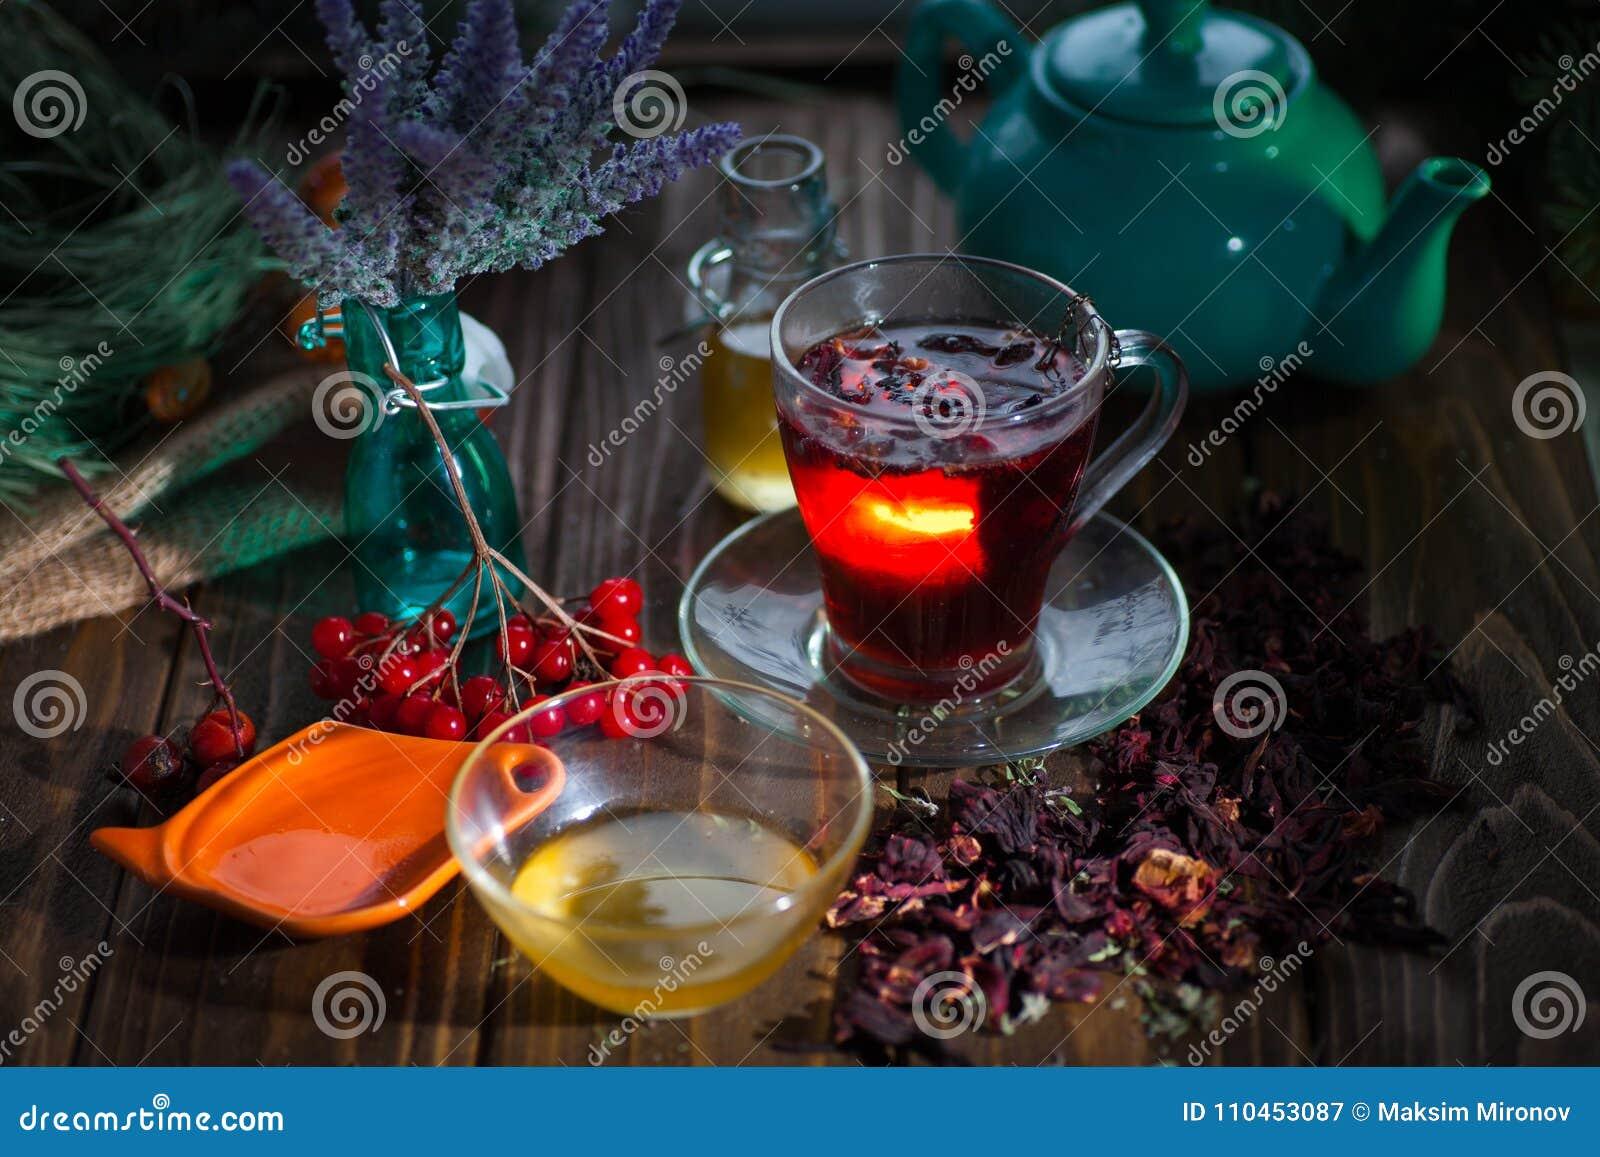 Hibiskuste i en glass kopp på en träbakgrund